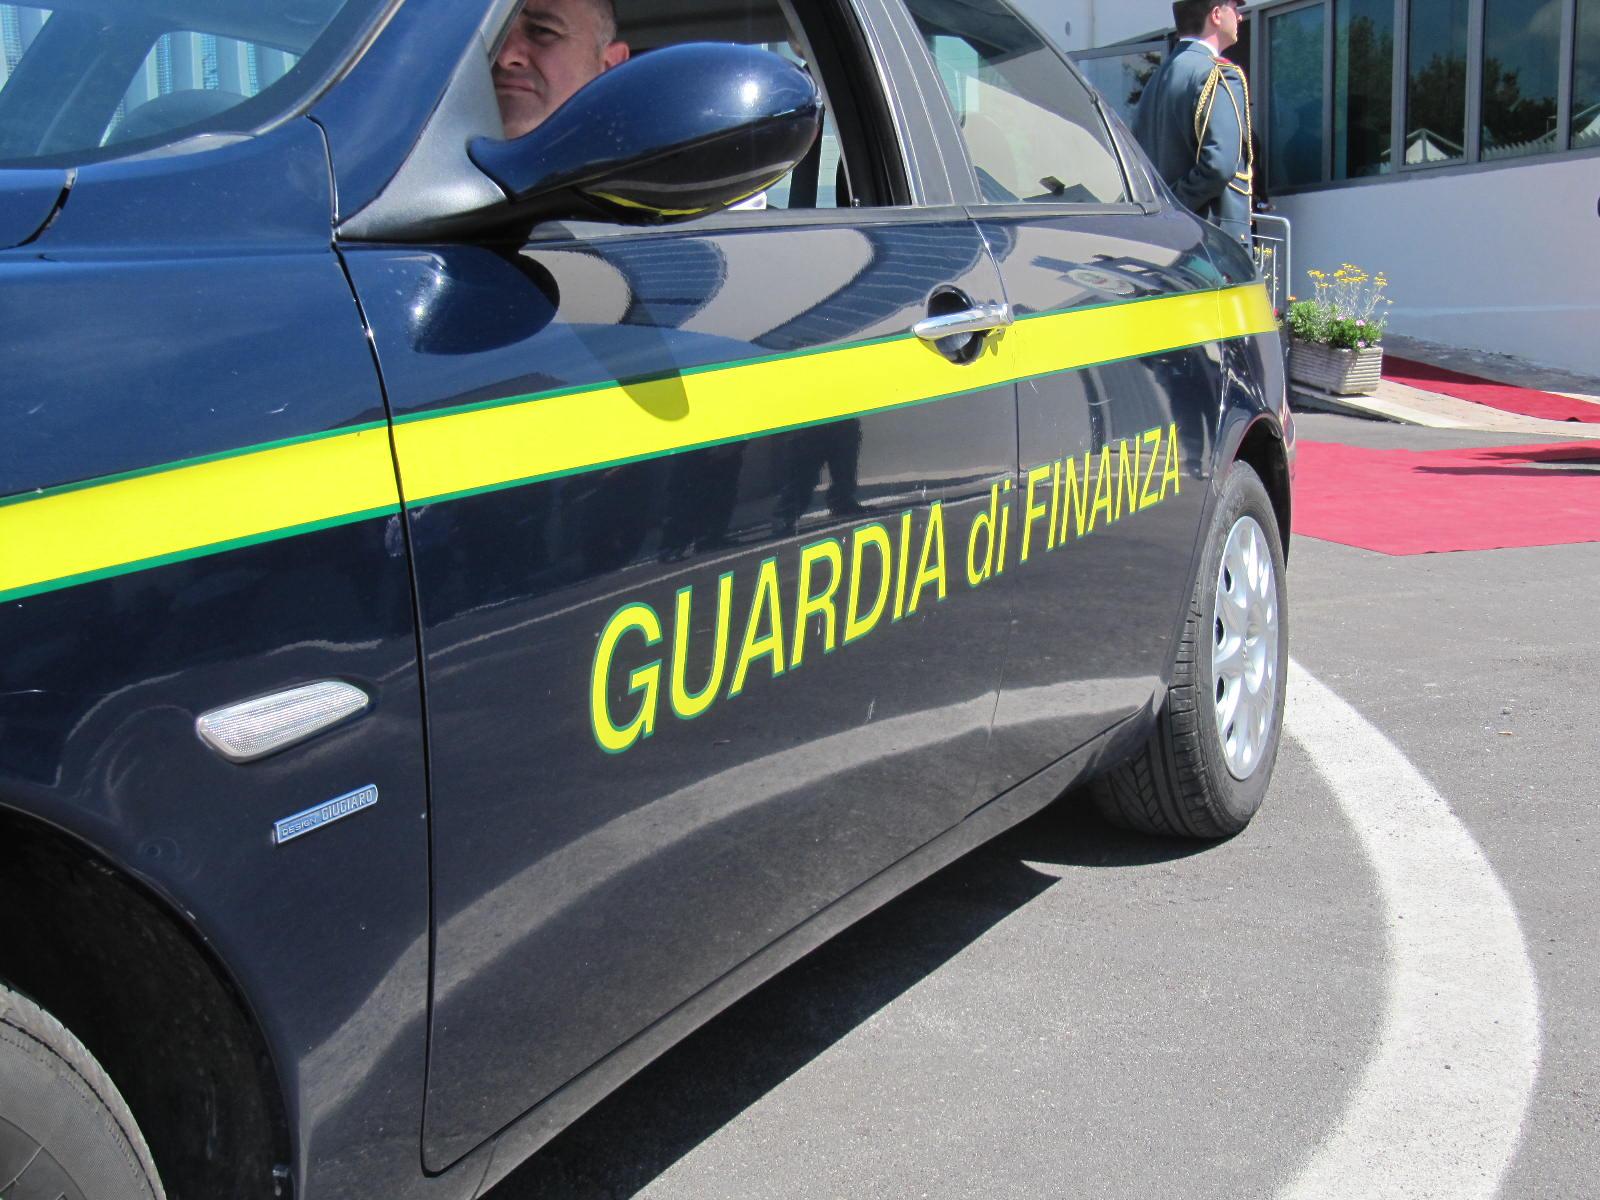 Prodotti contraffatti a Canicattì, sequestrati 20 mila articoli